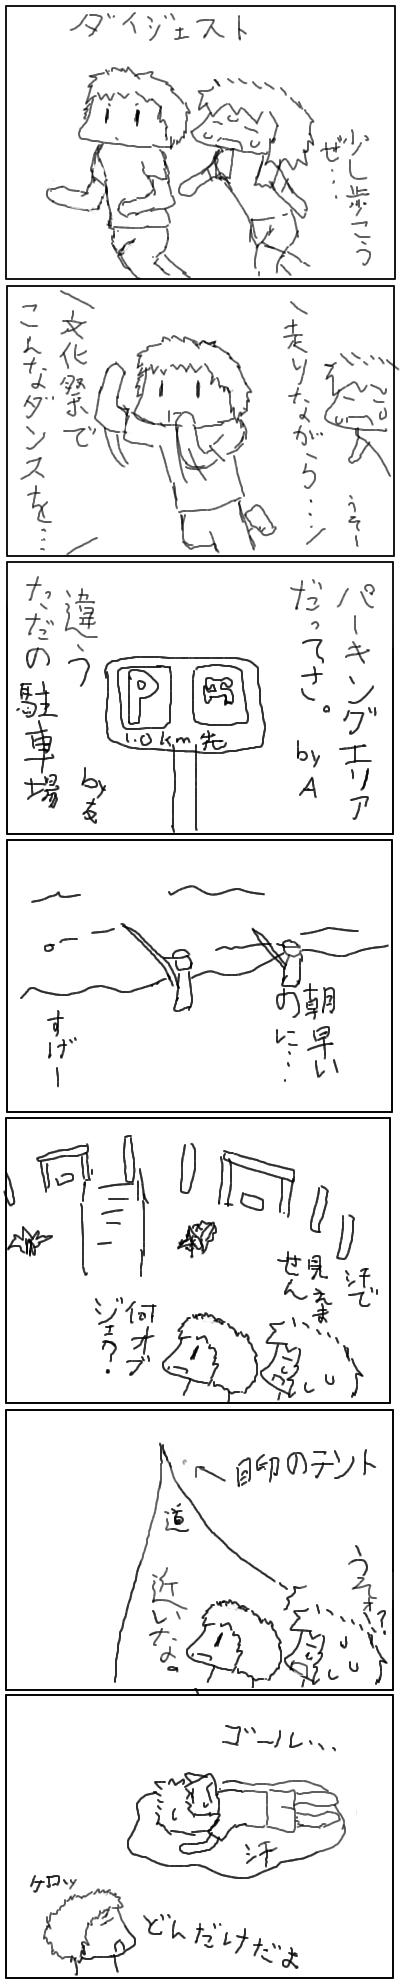 vbんm、kぃじゅhg